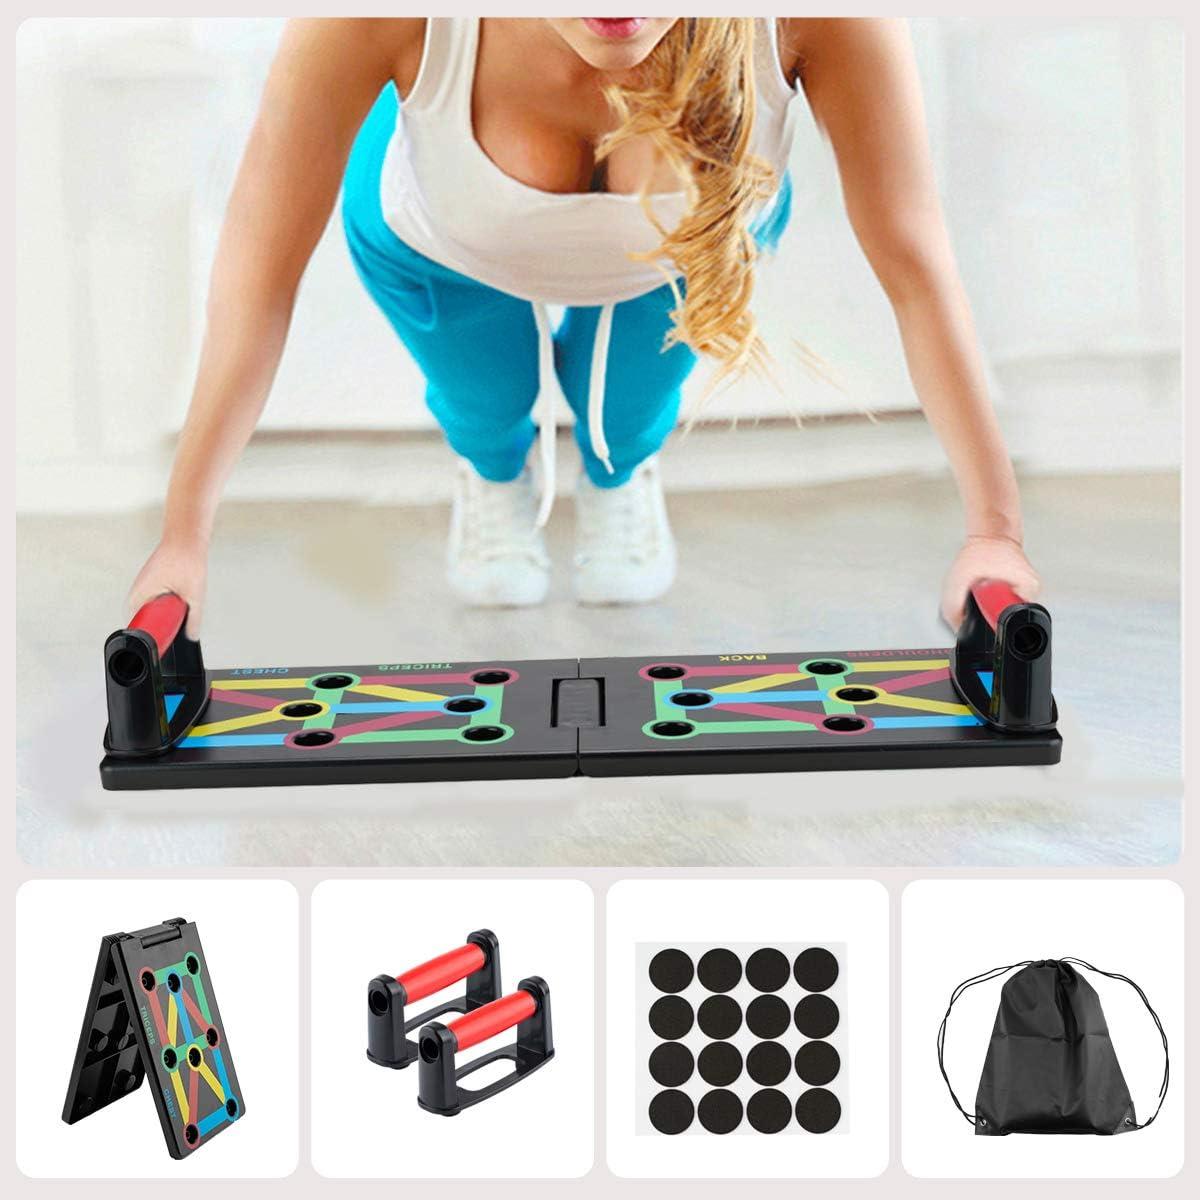 Surplex 9 en 1 Push Up Rack Board System Plegable Push Up Tabla Board Fitness Entrenamiento Gimnasio Ejercicio Stands para el Aptitud Ejercicio ...